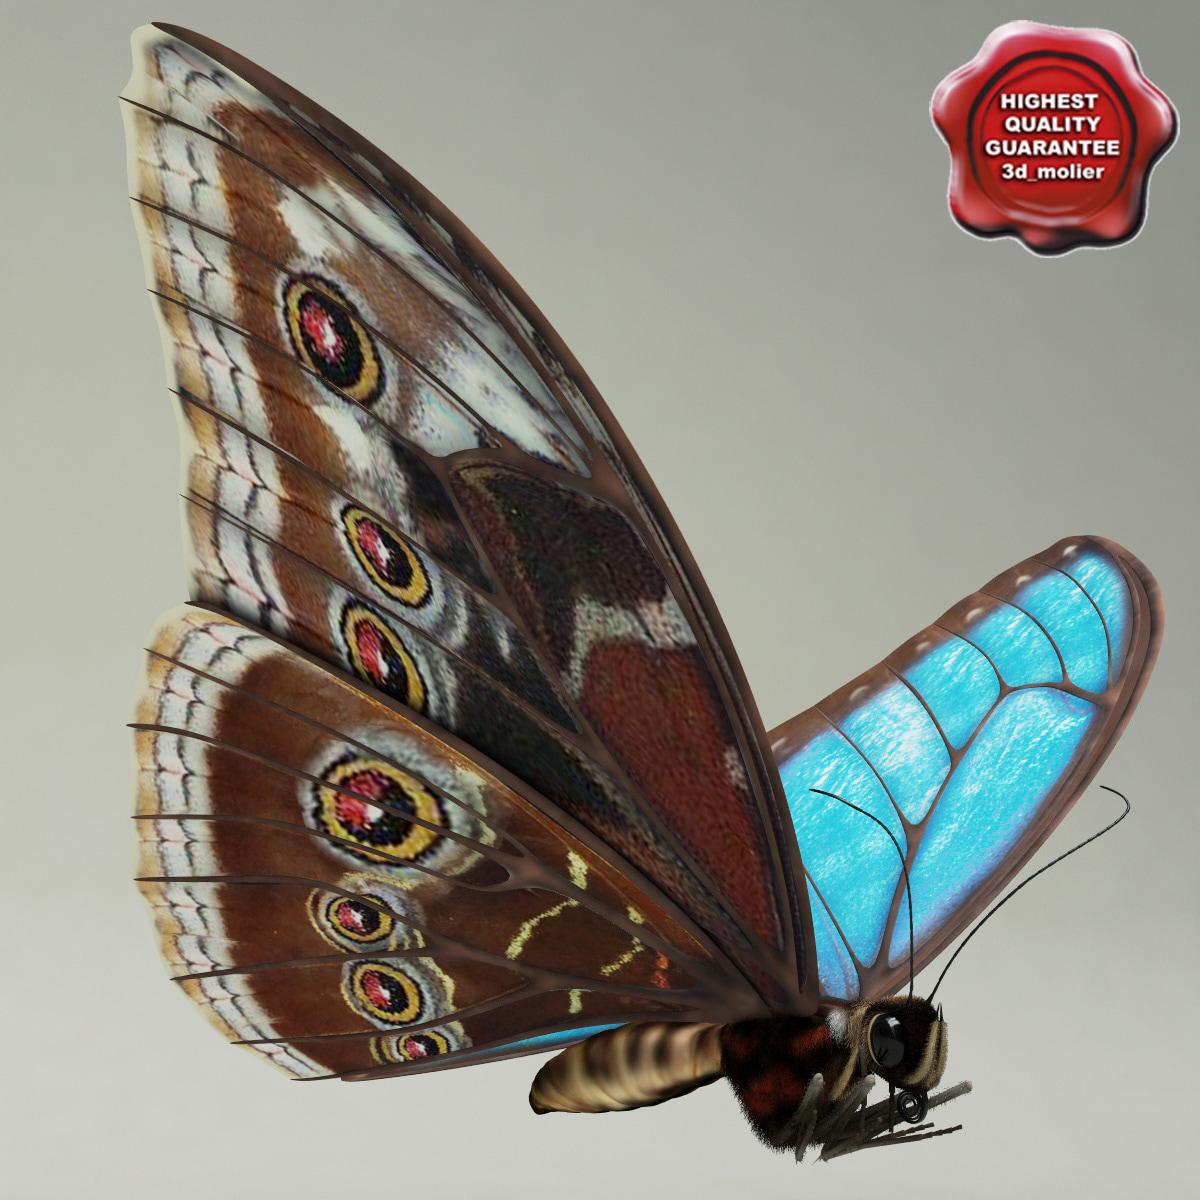 Blue_Morpho_Butterfly_Pose2_00.jpg